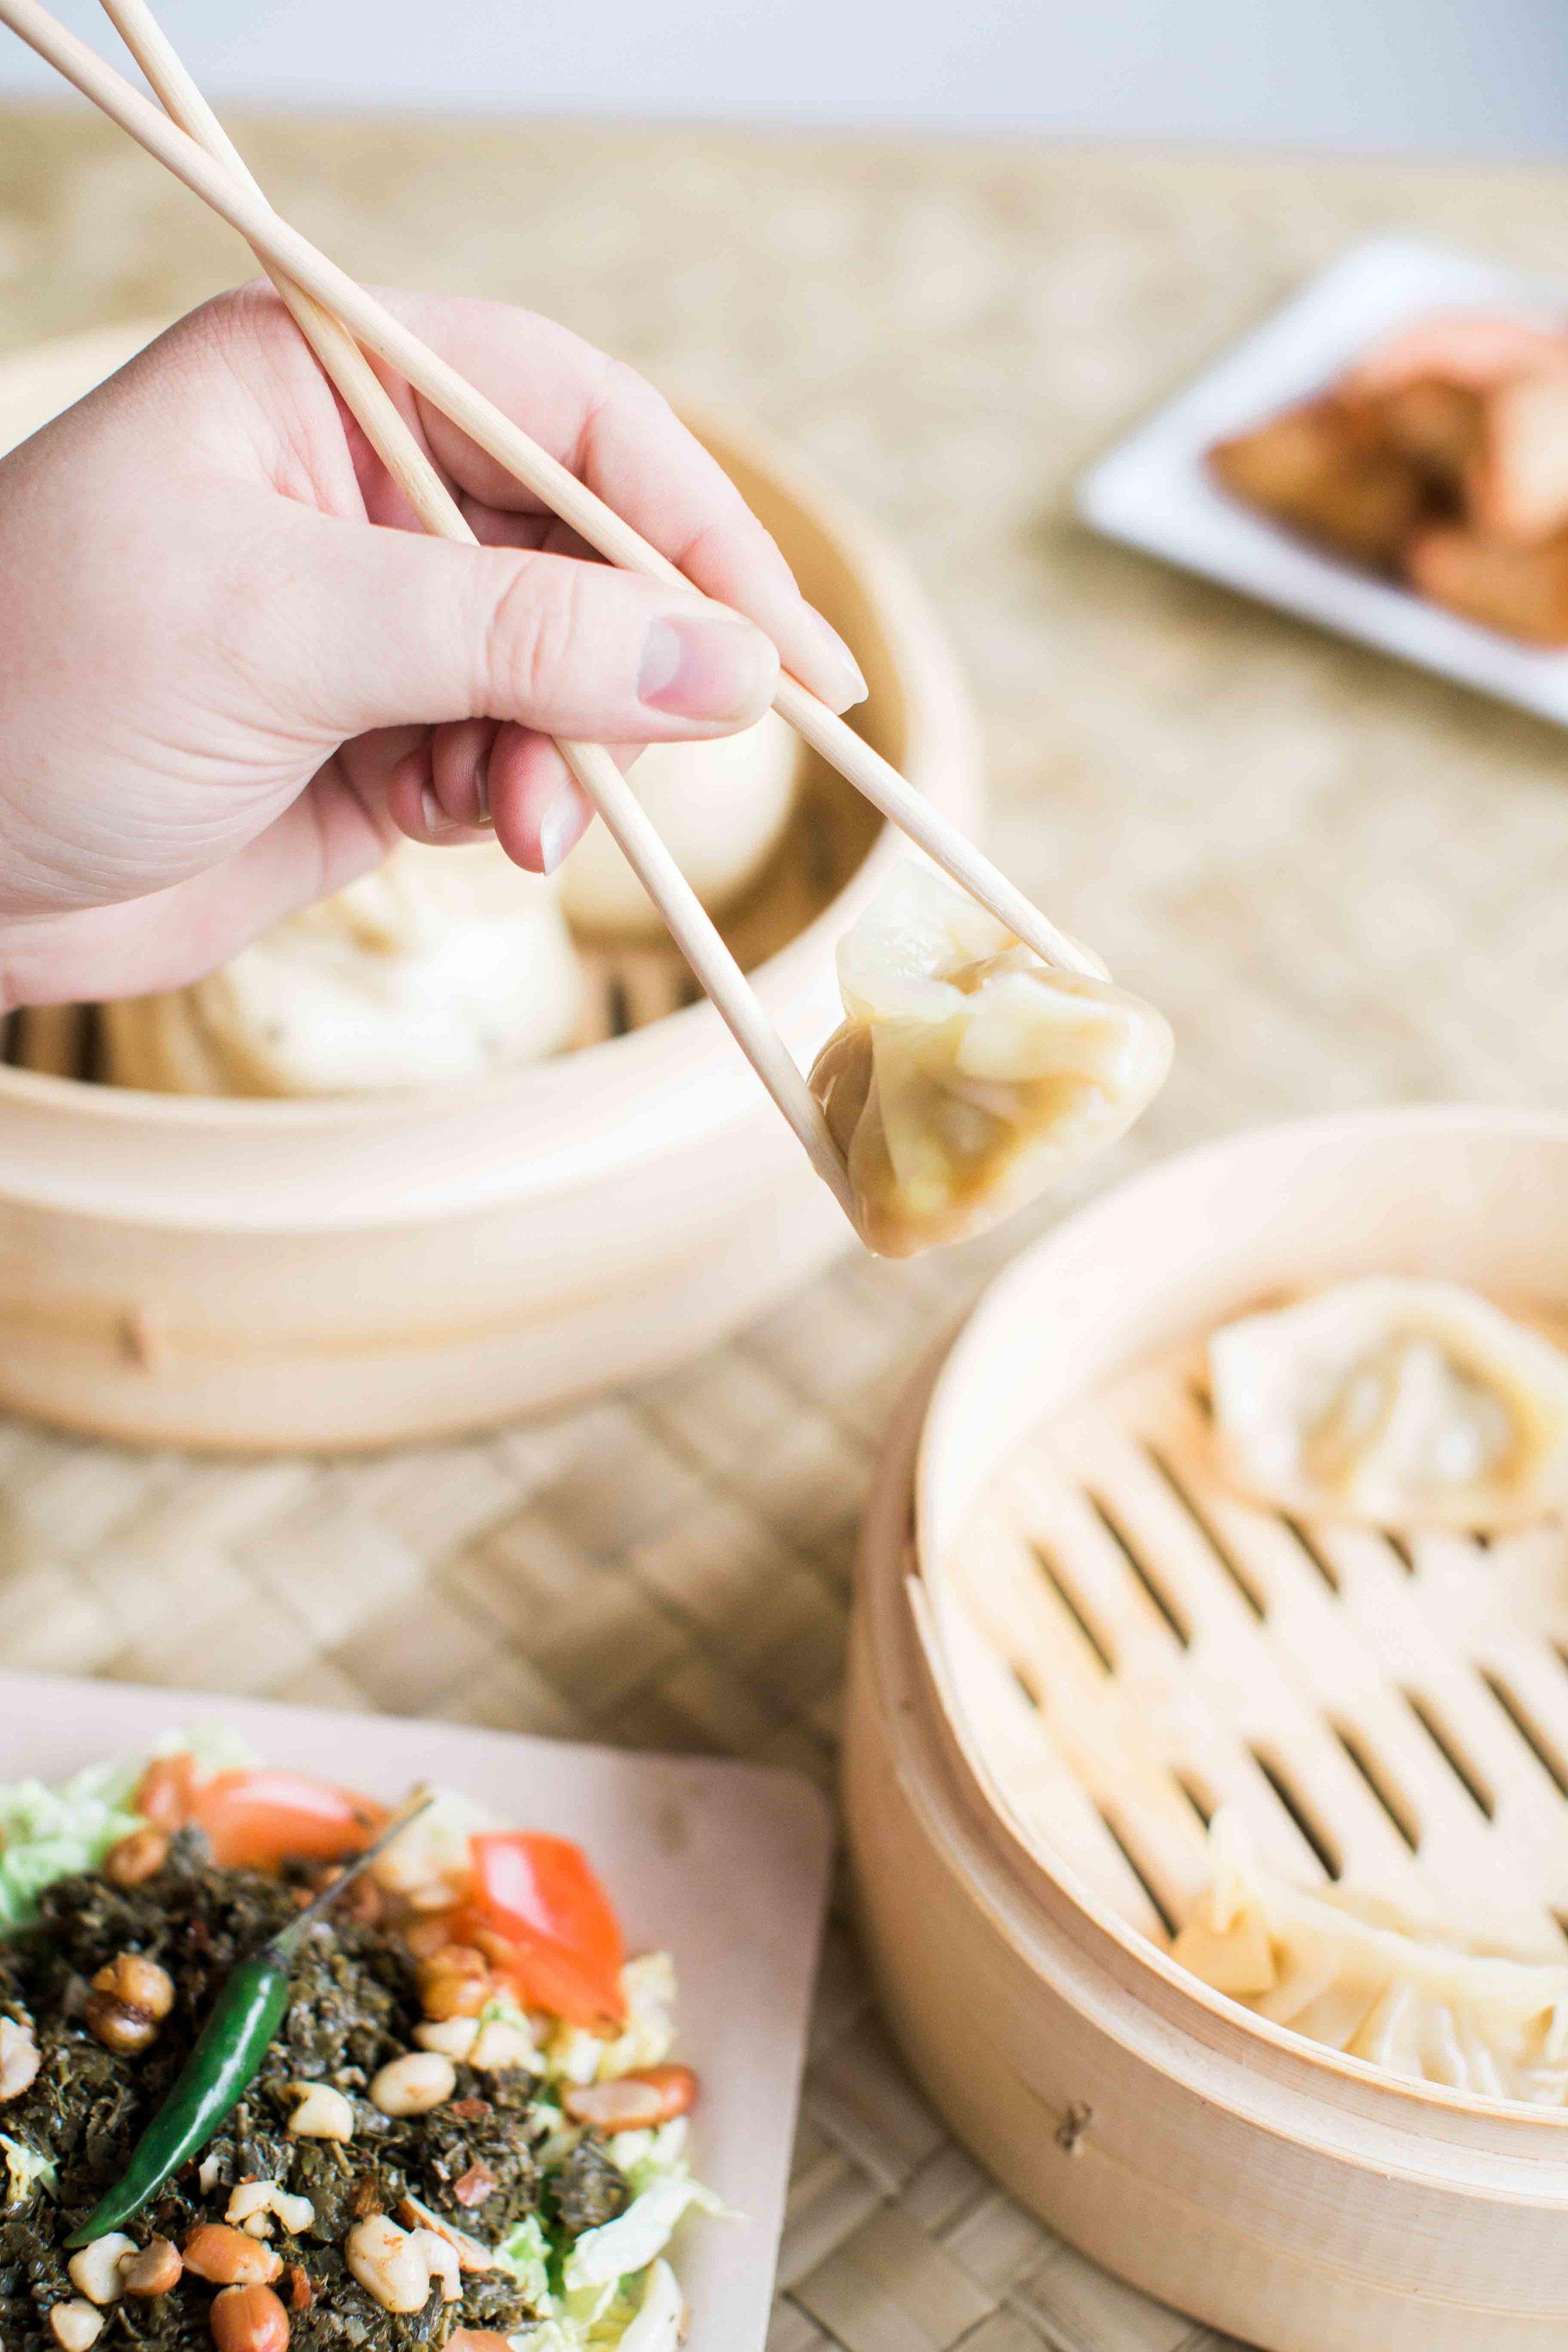 Dumpling-Darling-dumplings.jpg